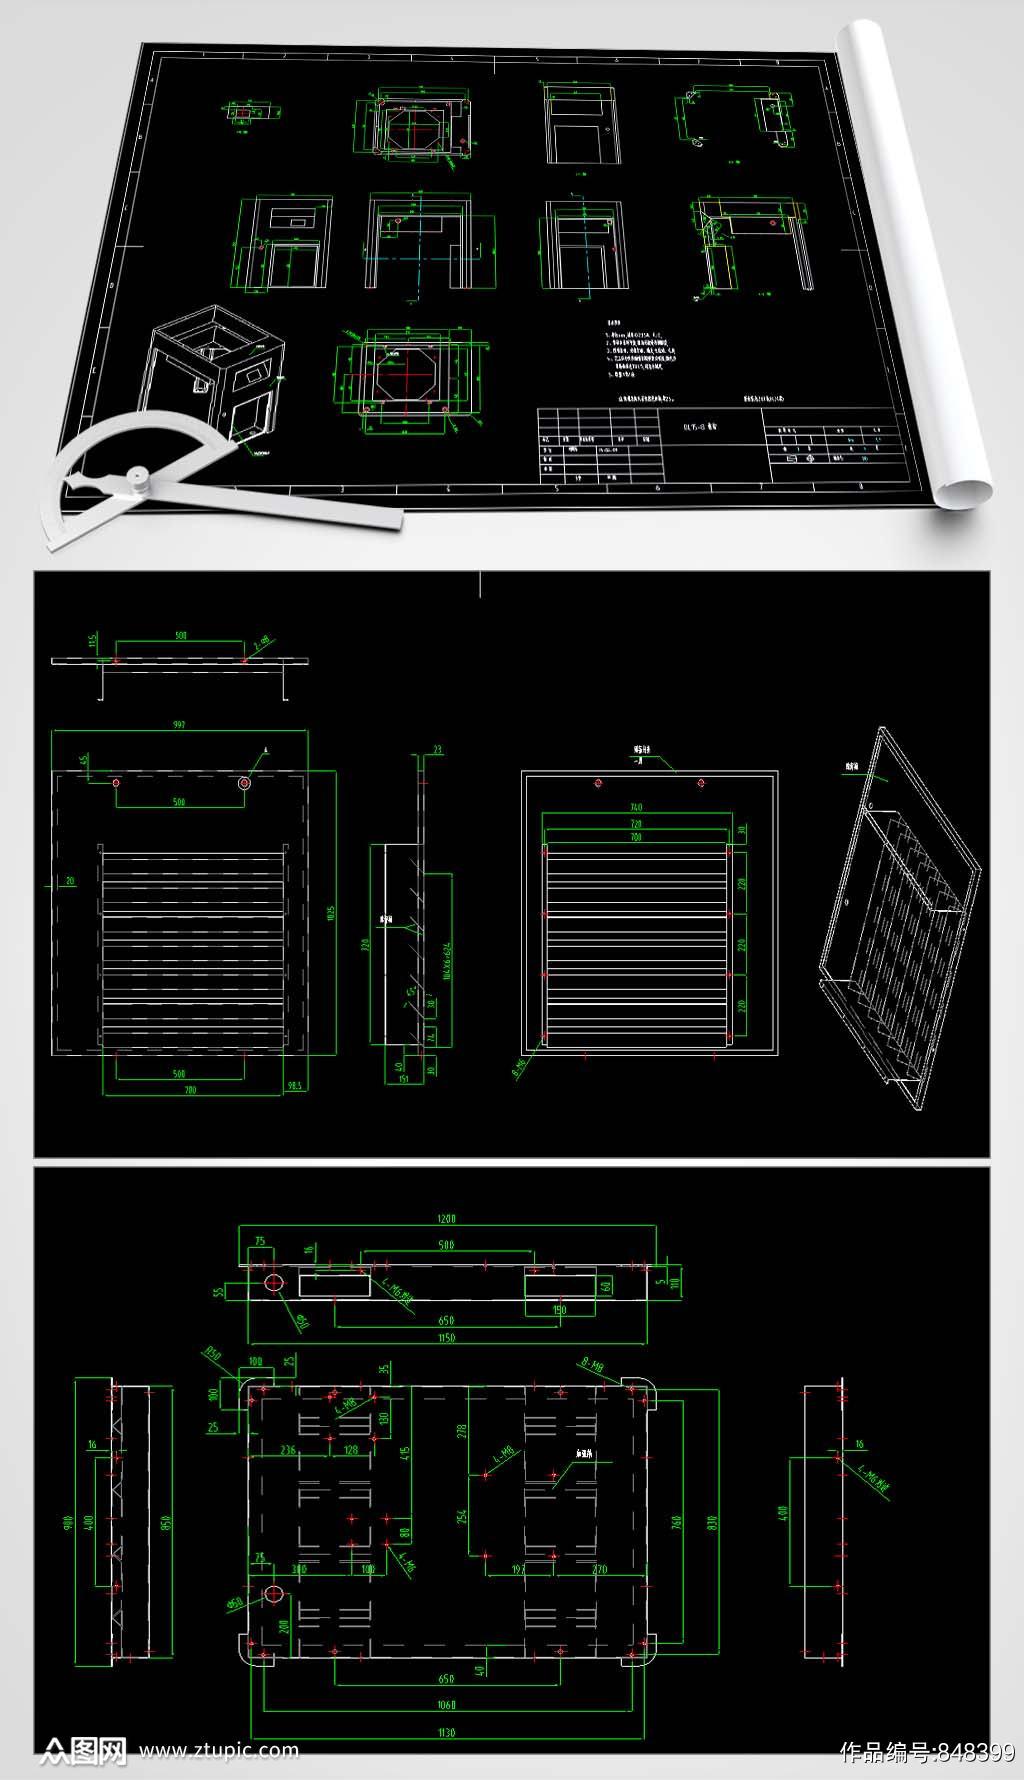 隔音罩CAD图纸素材